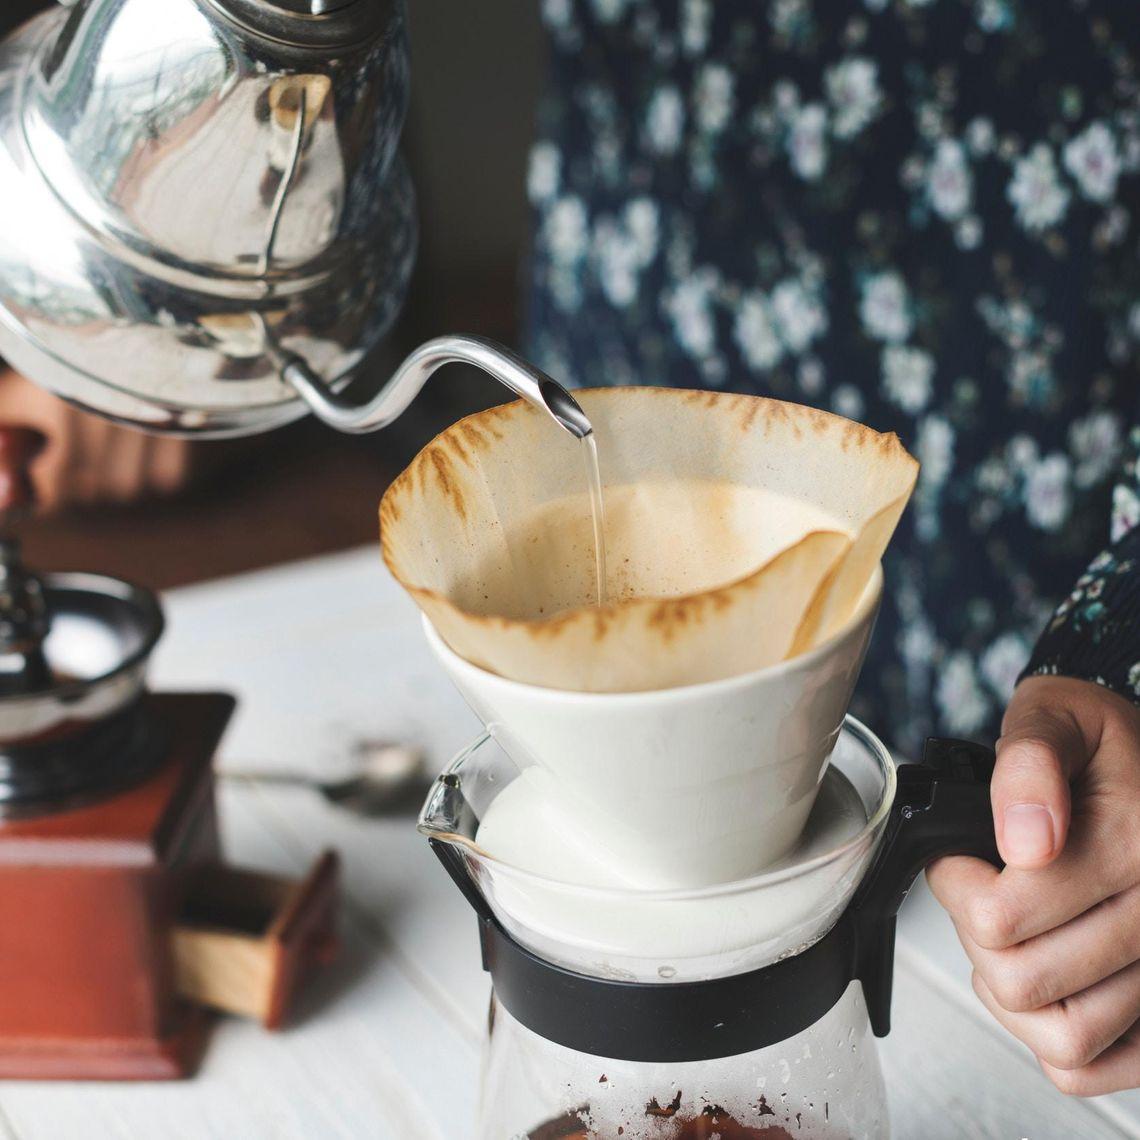 Obrazek - Metody parzenia kawy